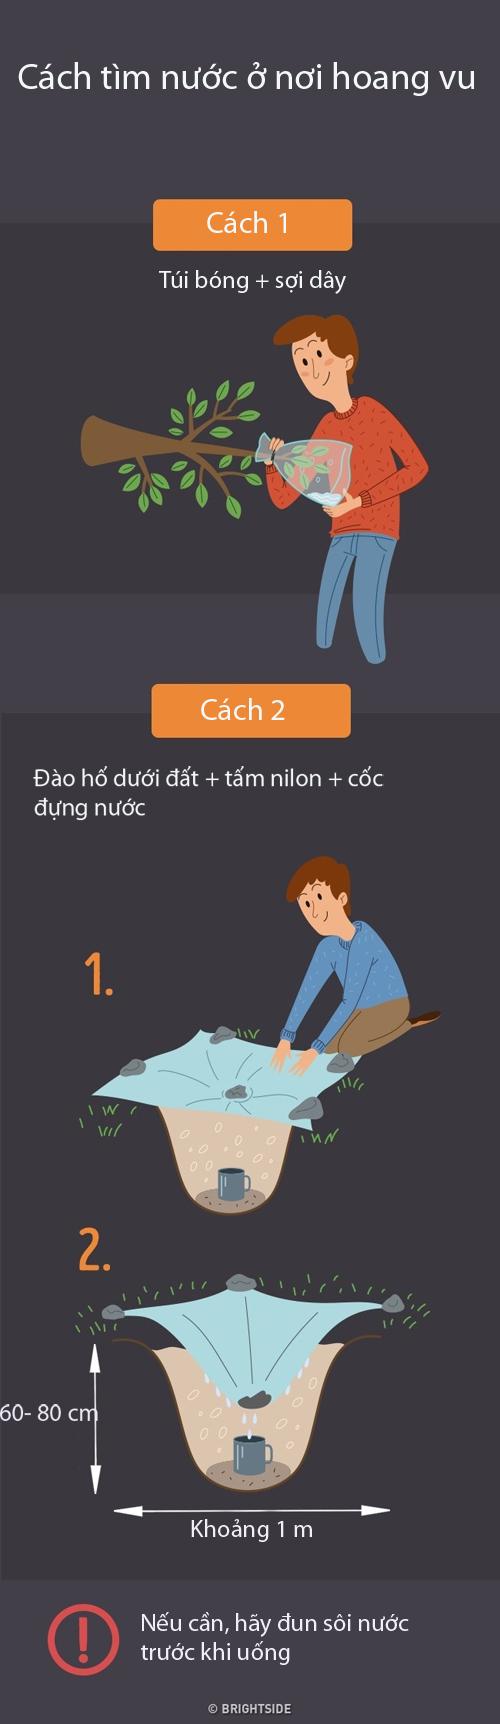 cach-song-sot-don-gian-nhung-de-bi-lam-sai-trong-cac-truong-hop-khn-cap-9